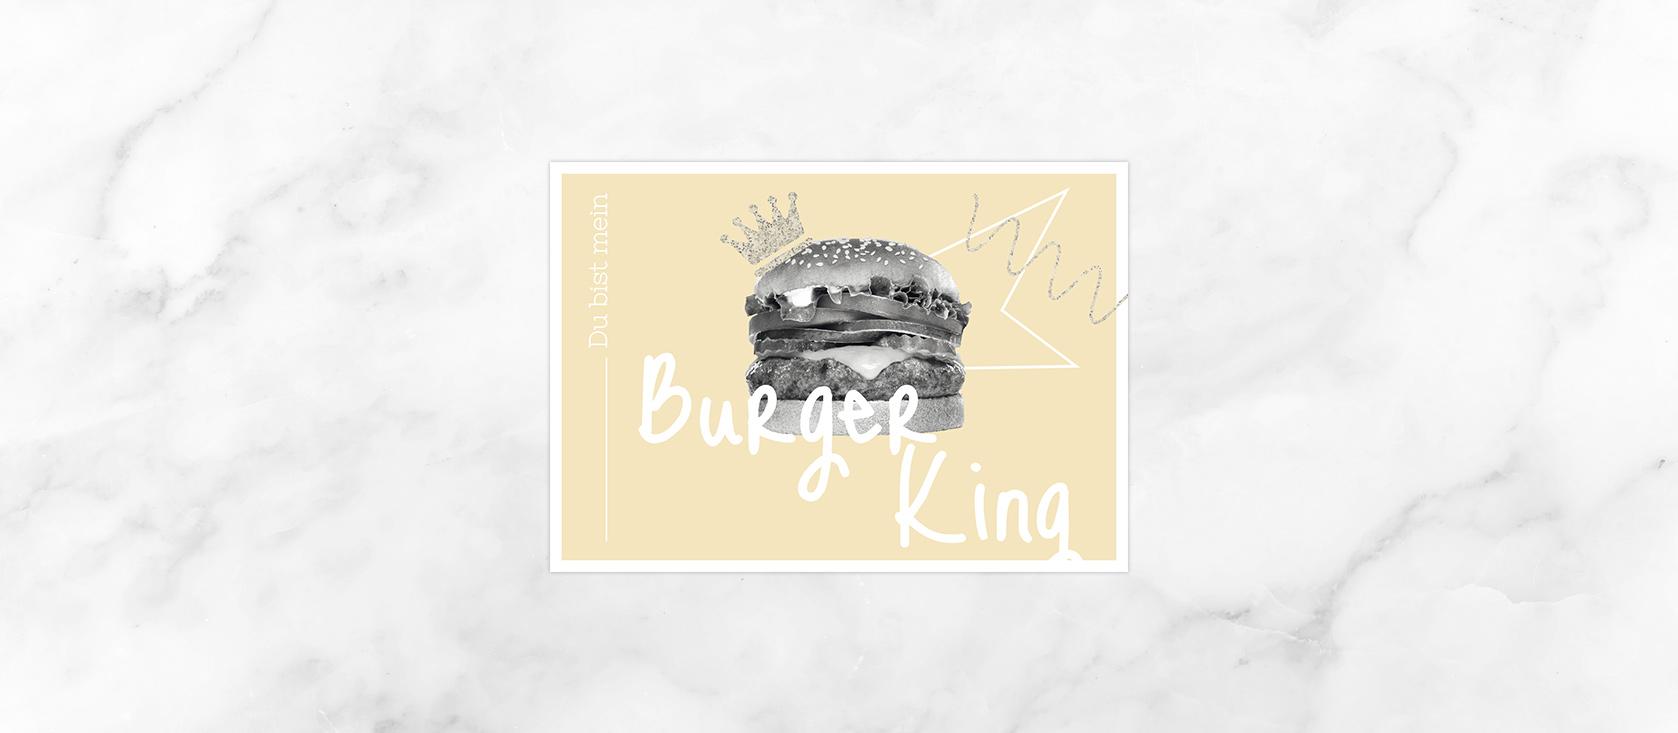 0015 Burger King